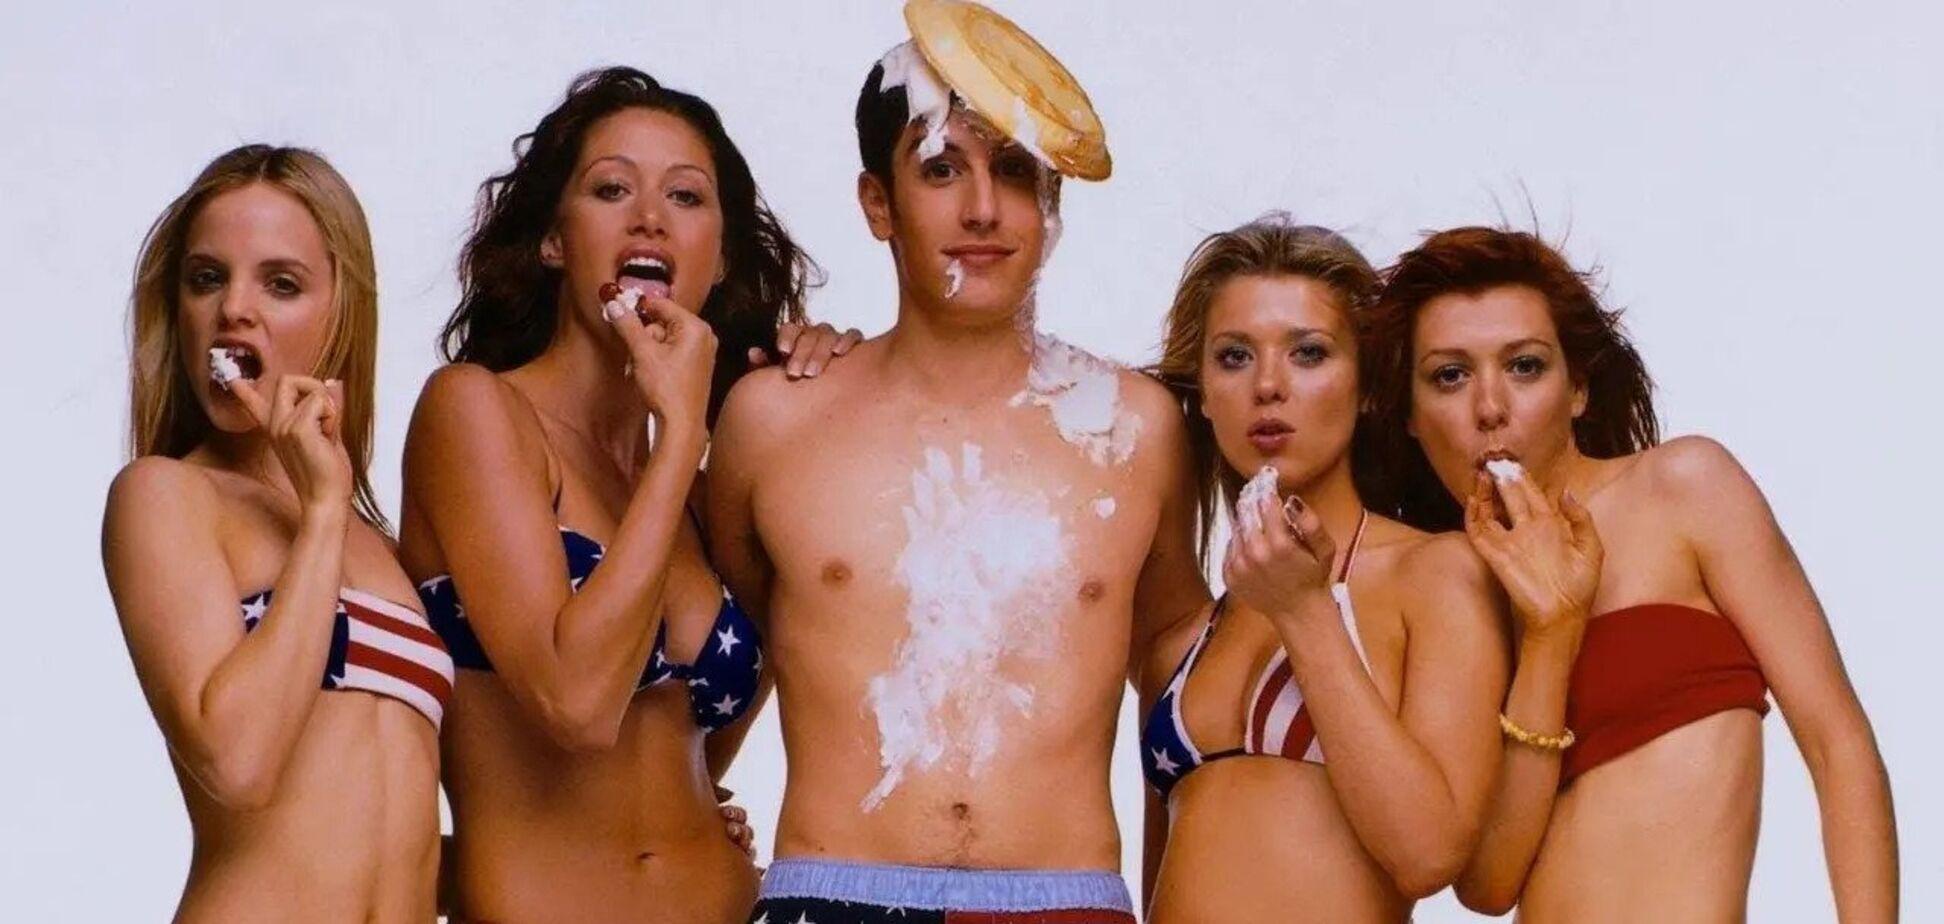 В сети опубликовали архивную фотосъемку звезд 'Американского пирога' в бикини